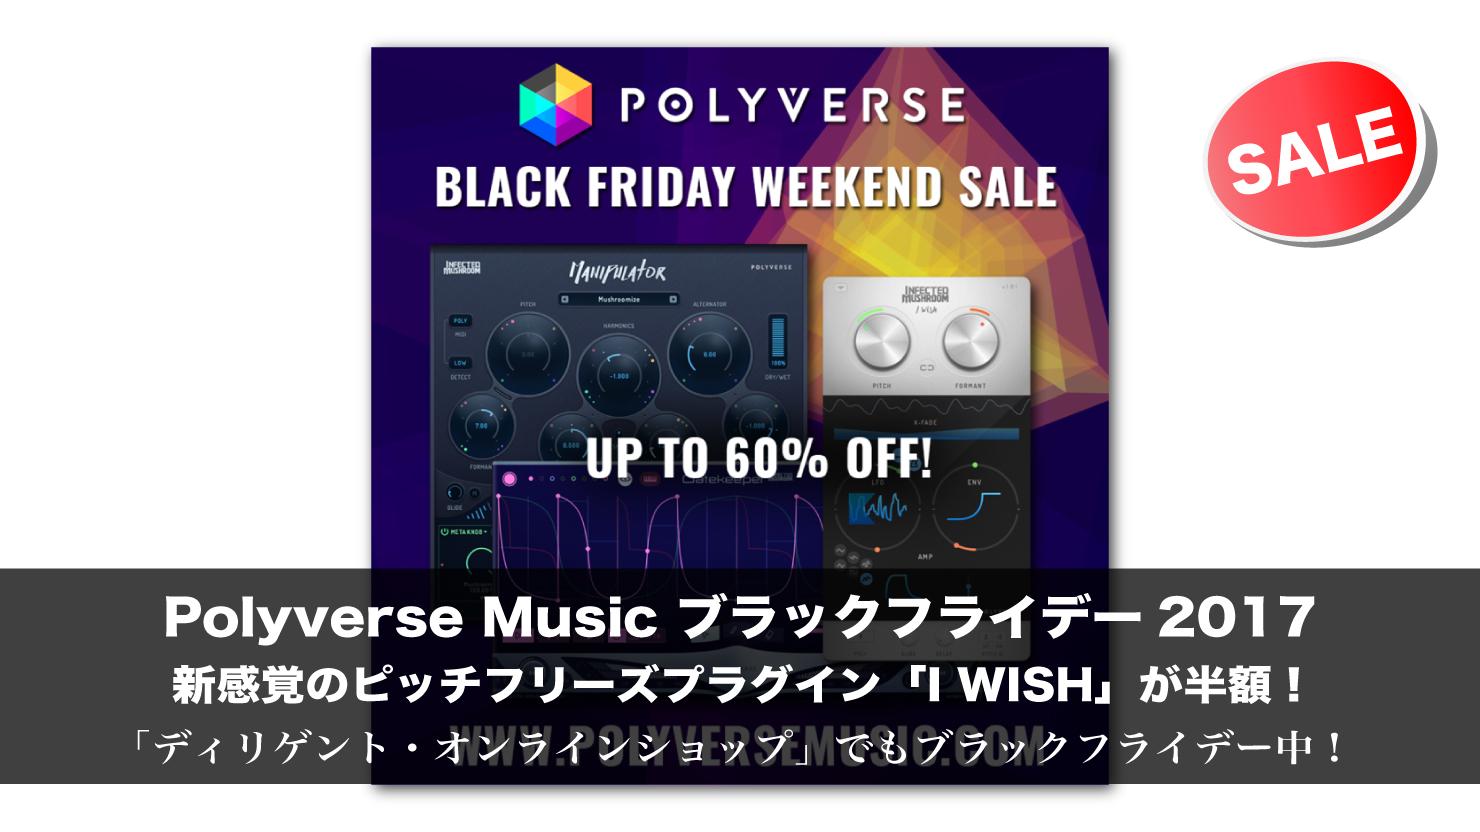 【最大60%OFF】Polyverse Music ブラックフライデー2017 新感覚のピッチフリーズプラグイン「I WISH」が半額!